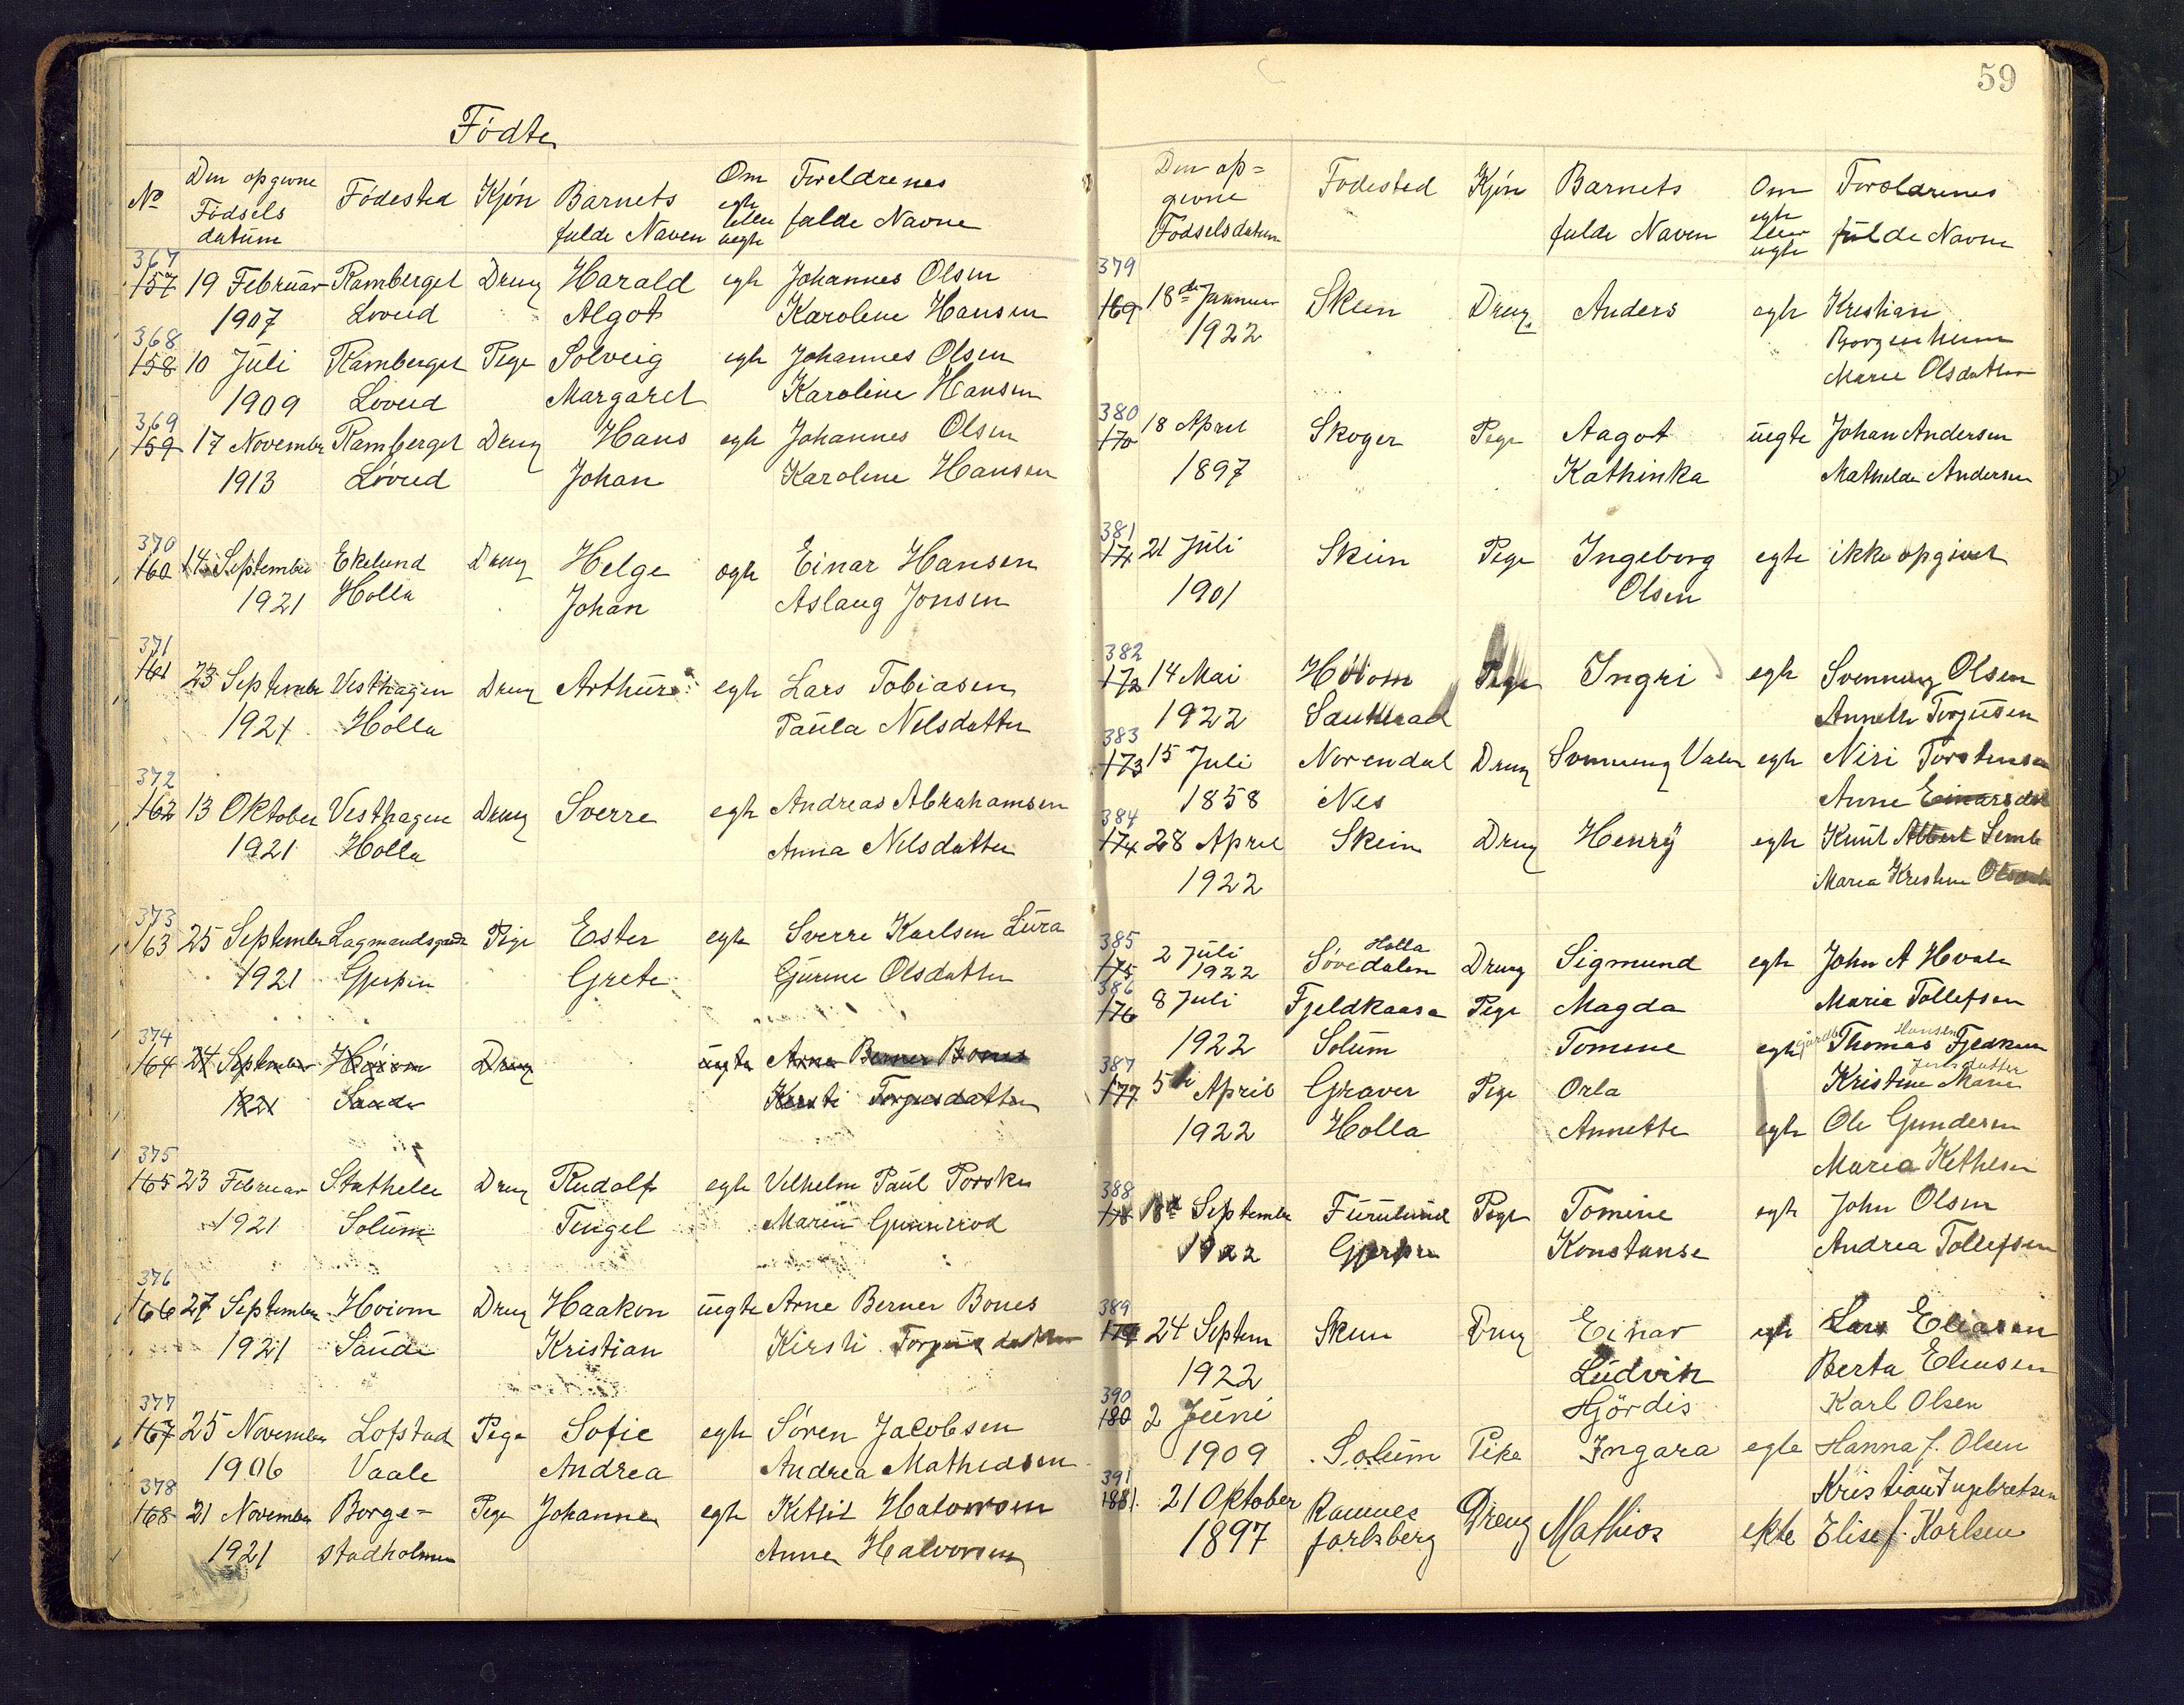 SAKO, Den evangelisk lutherske frimenighet i Jarlsbergs grevskap med flere steder, F/Fb/L0002: Dissenter register no. Fa/L0002, 1906-1922, p. 59